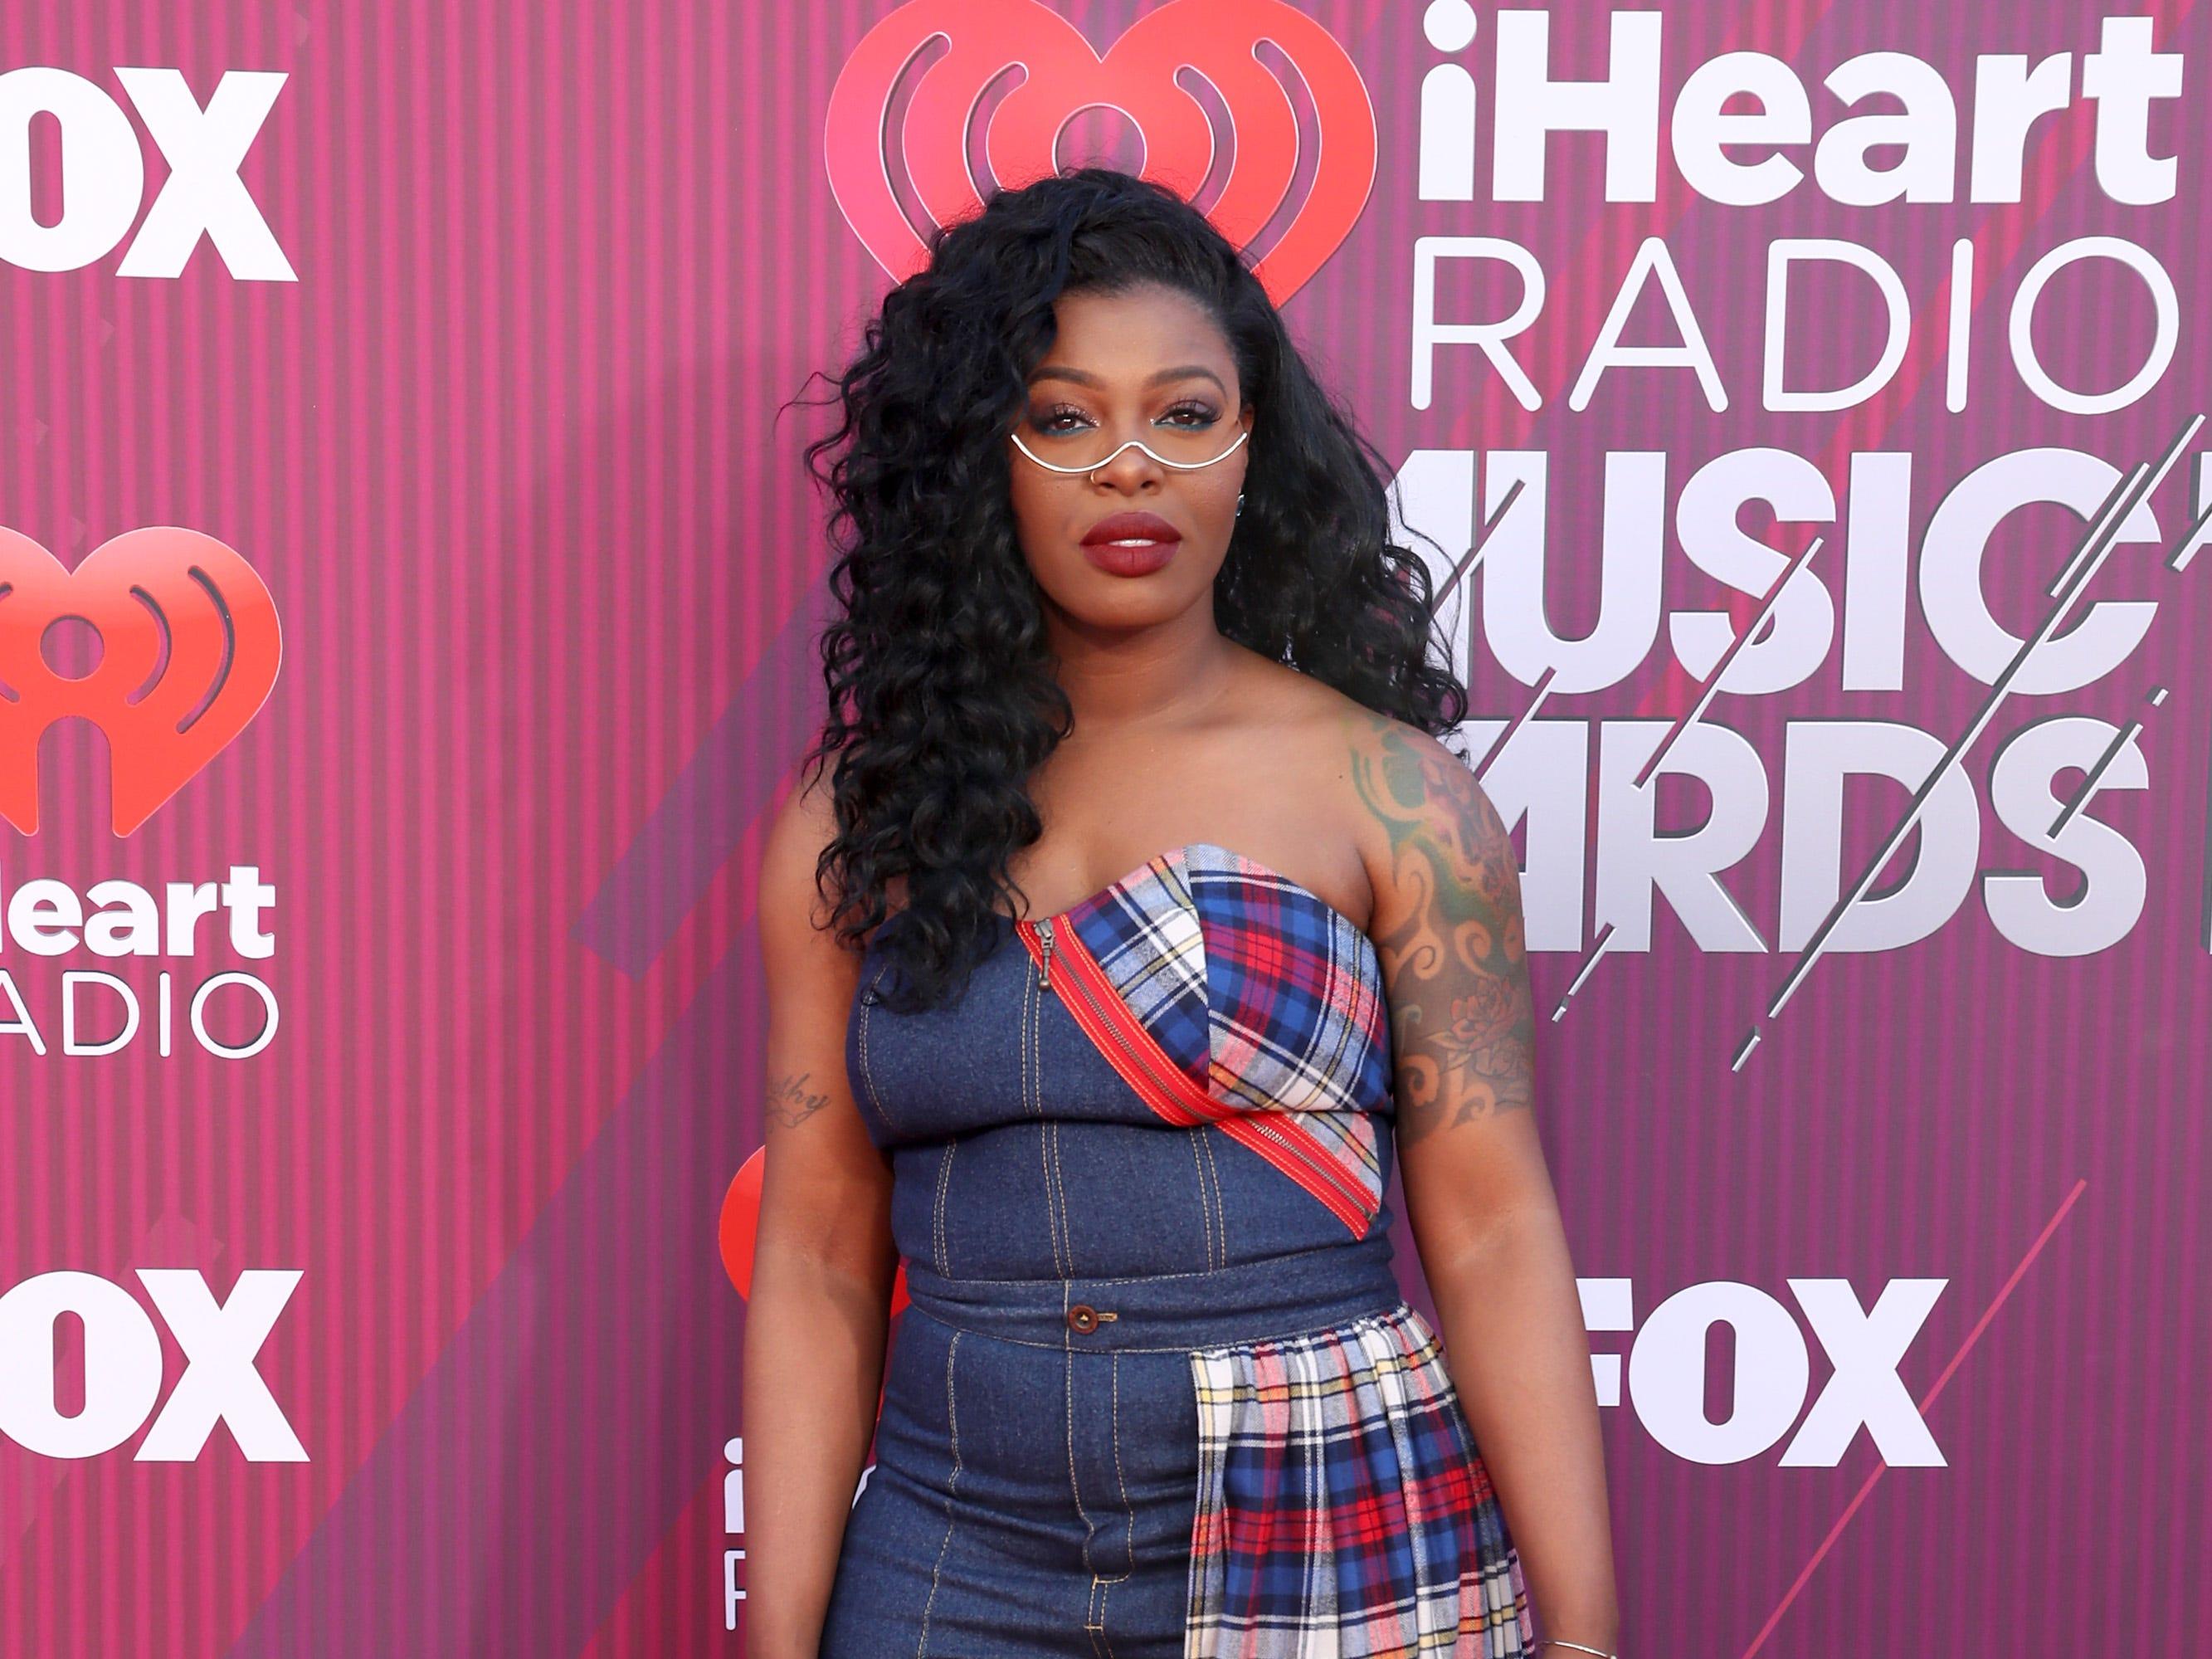 Ta'Rhonda Jones a su llegada a los premios iHeart Radio Music Awards en 2019 el 14 de marzo de 2019 en Los Angeles, California.